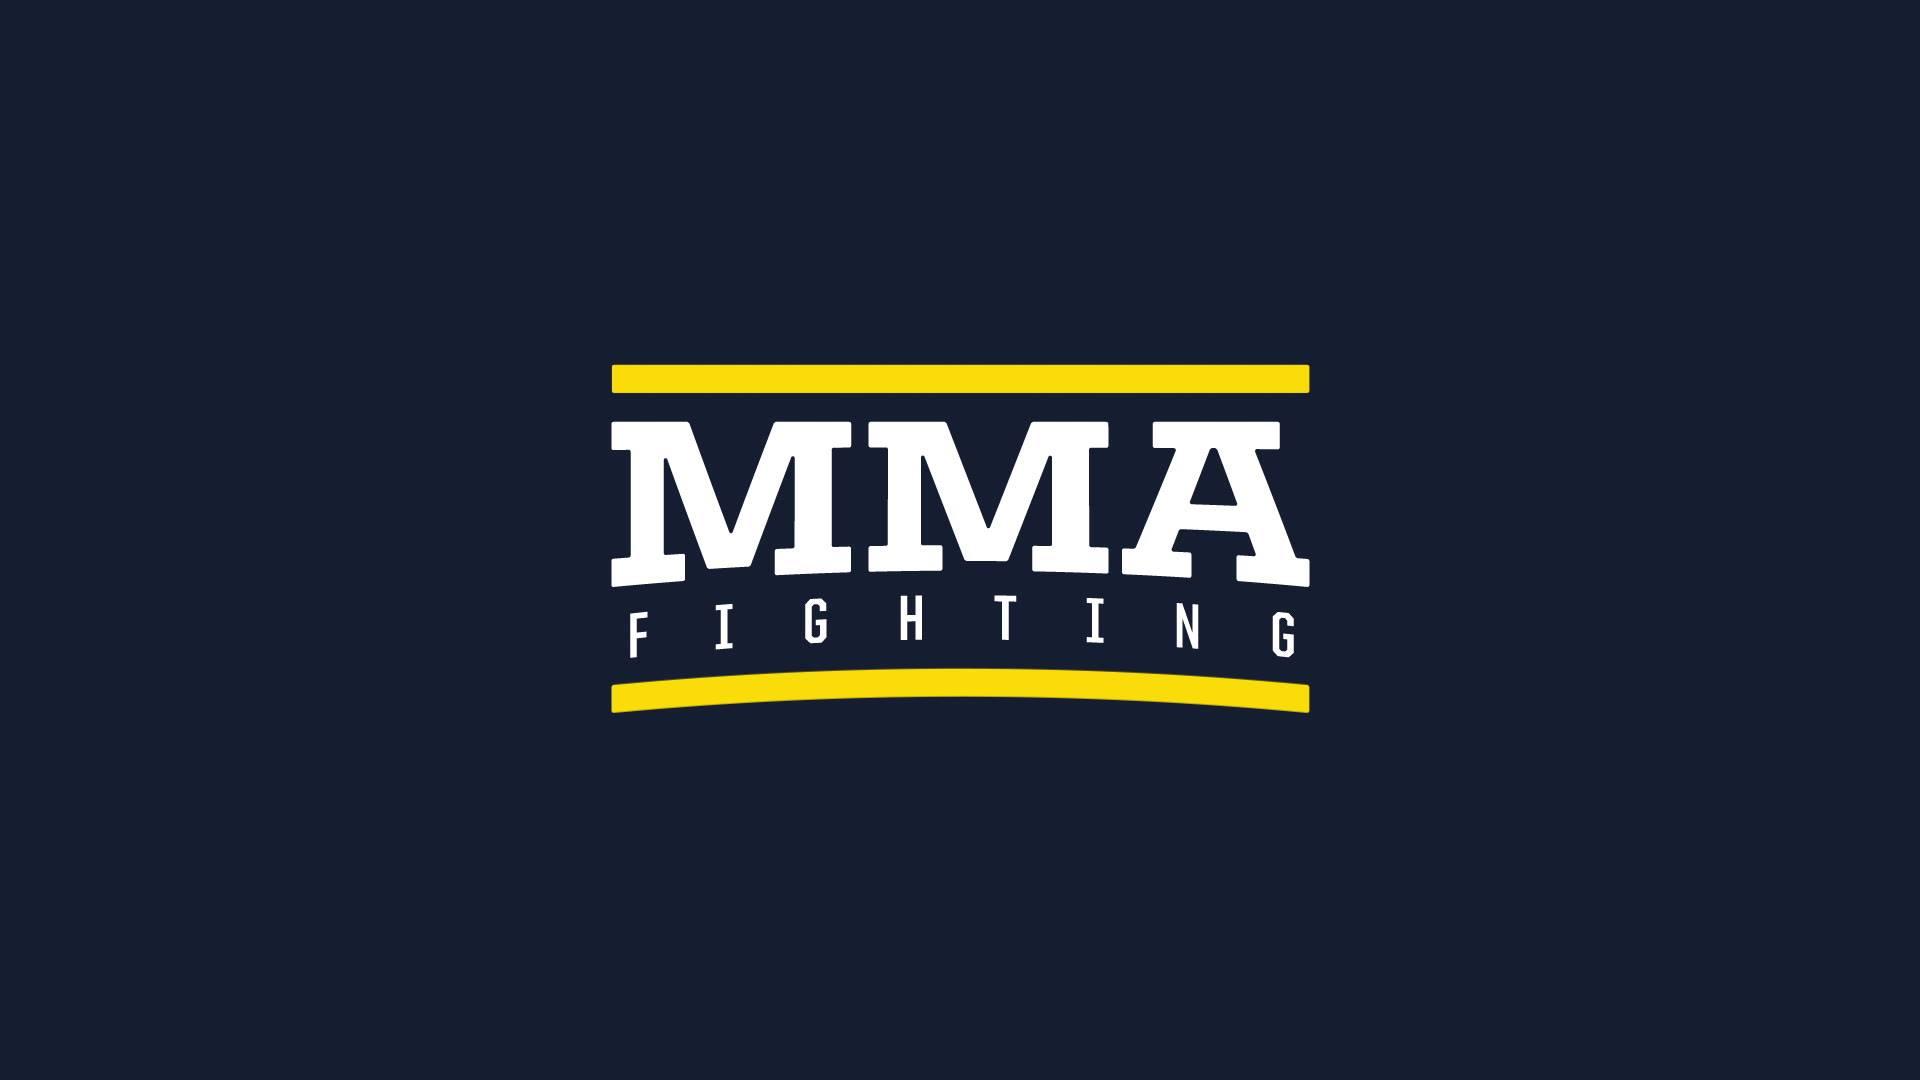 نشرة أخبار الفنون المختلطة والقتال (MMA) بتاريخ 2018.3.24